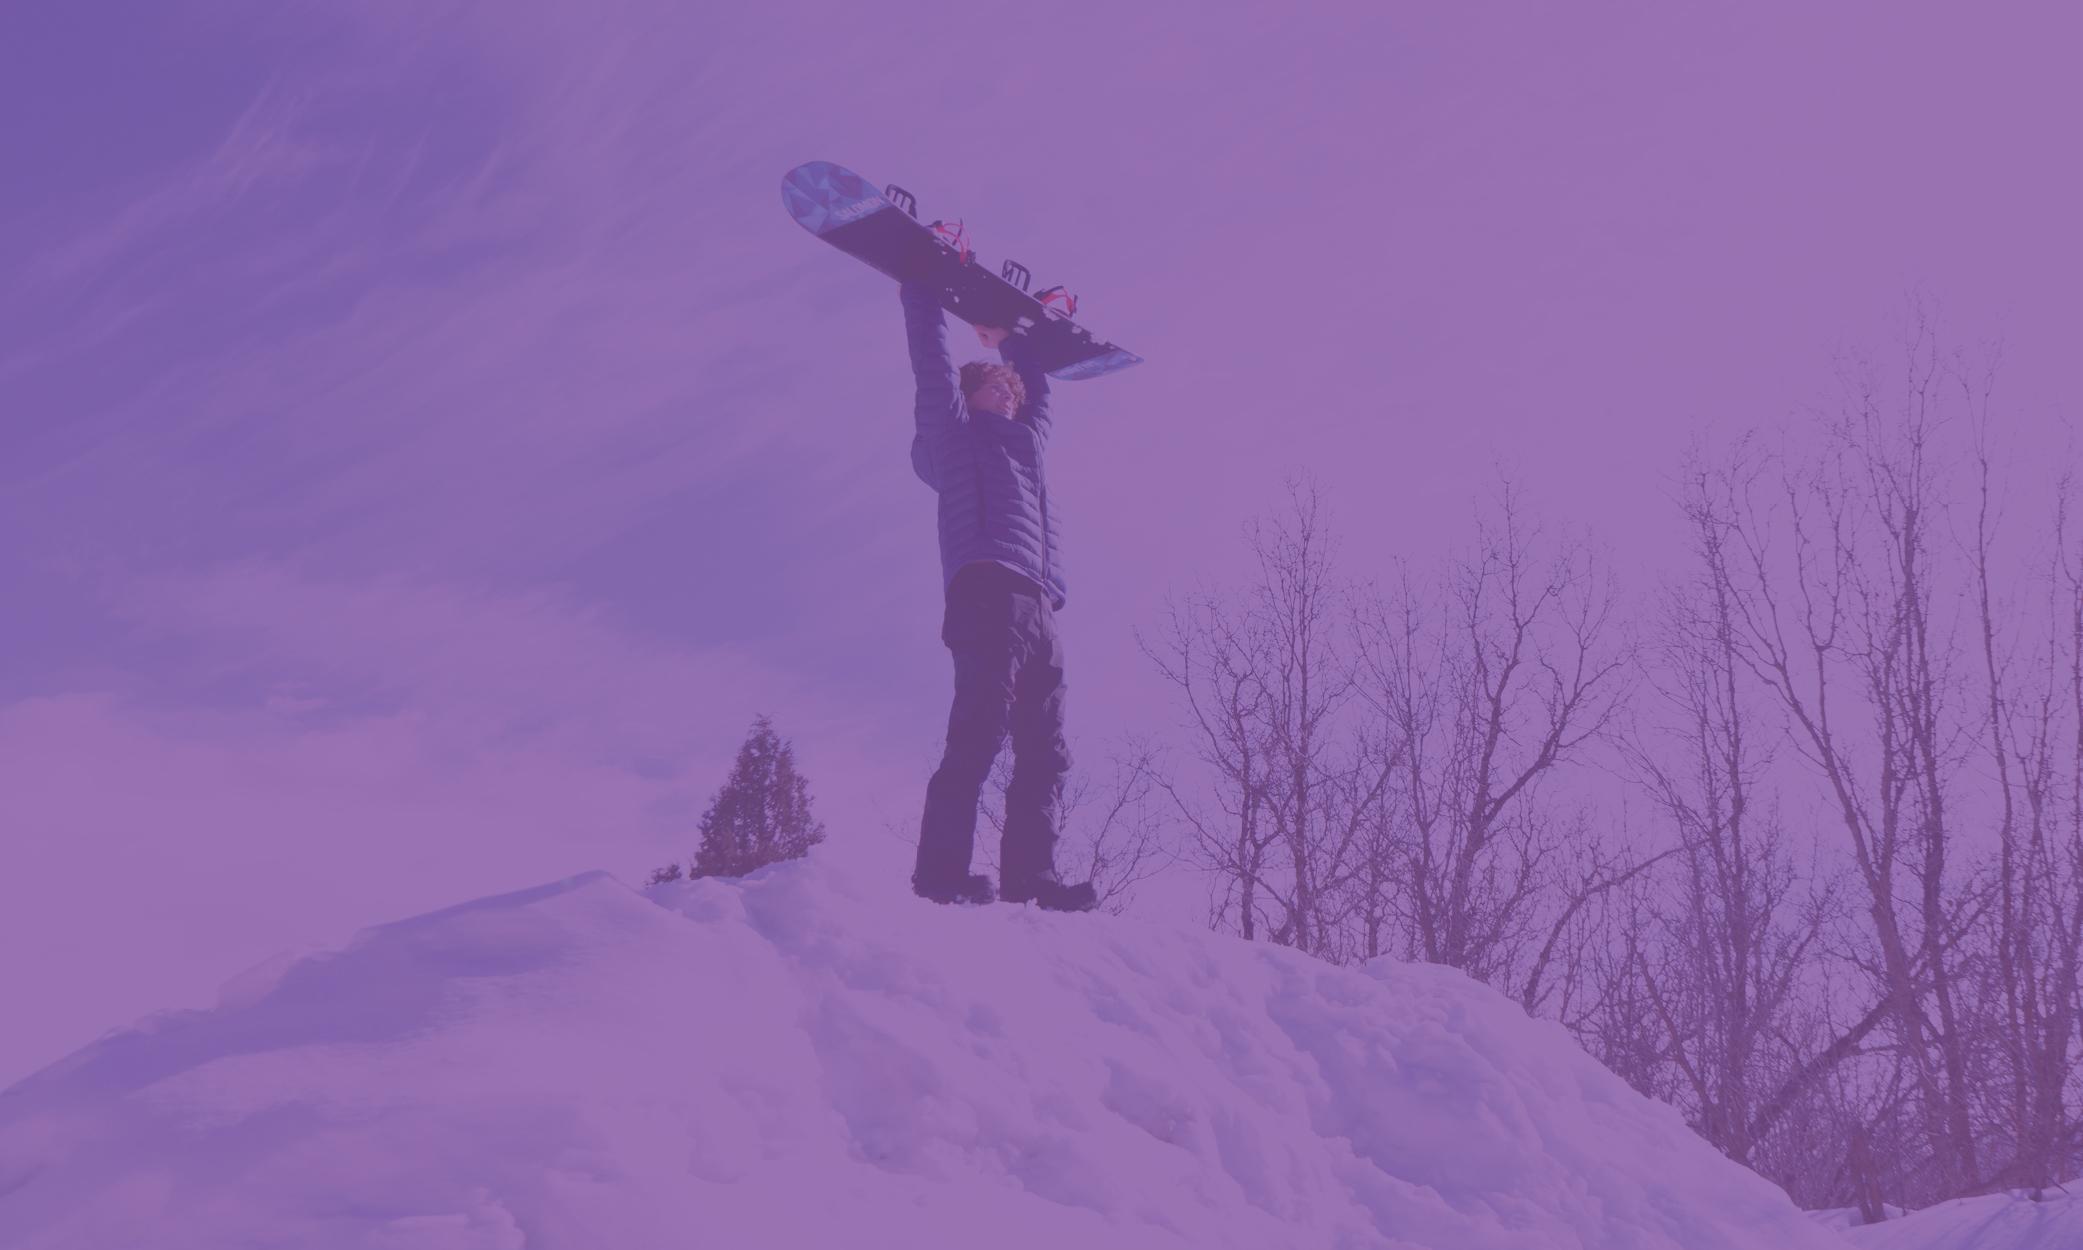 season-long ski and snowboard rentals